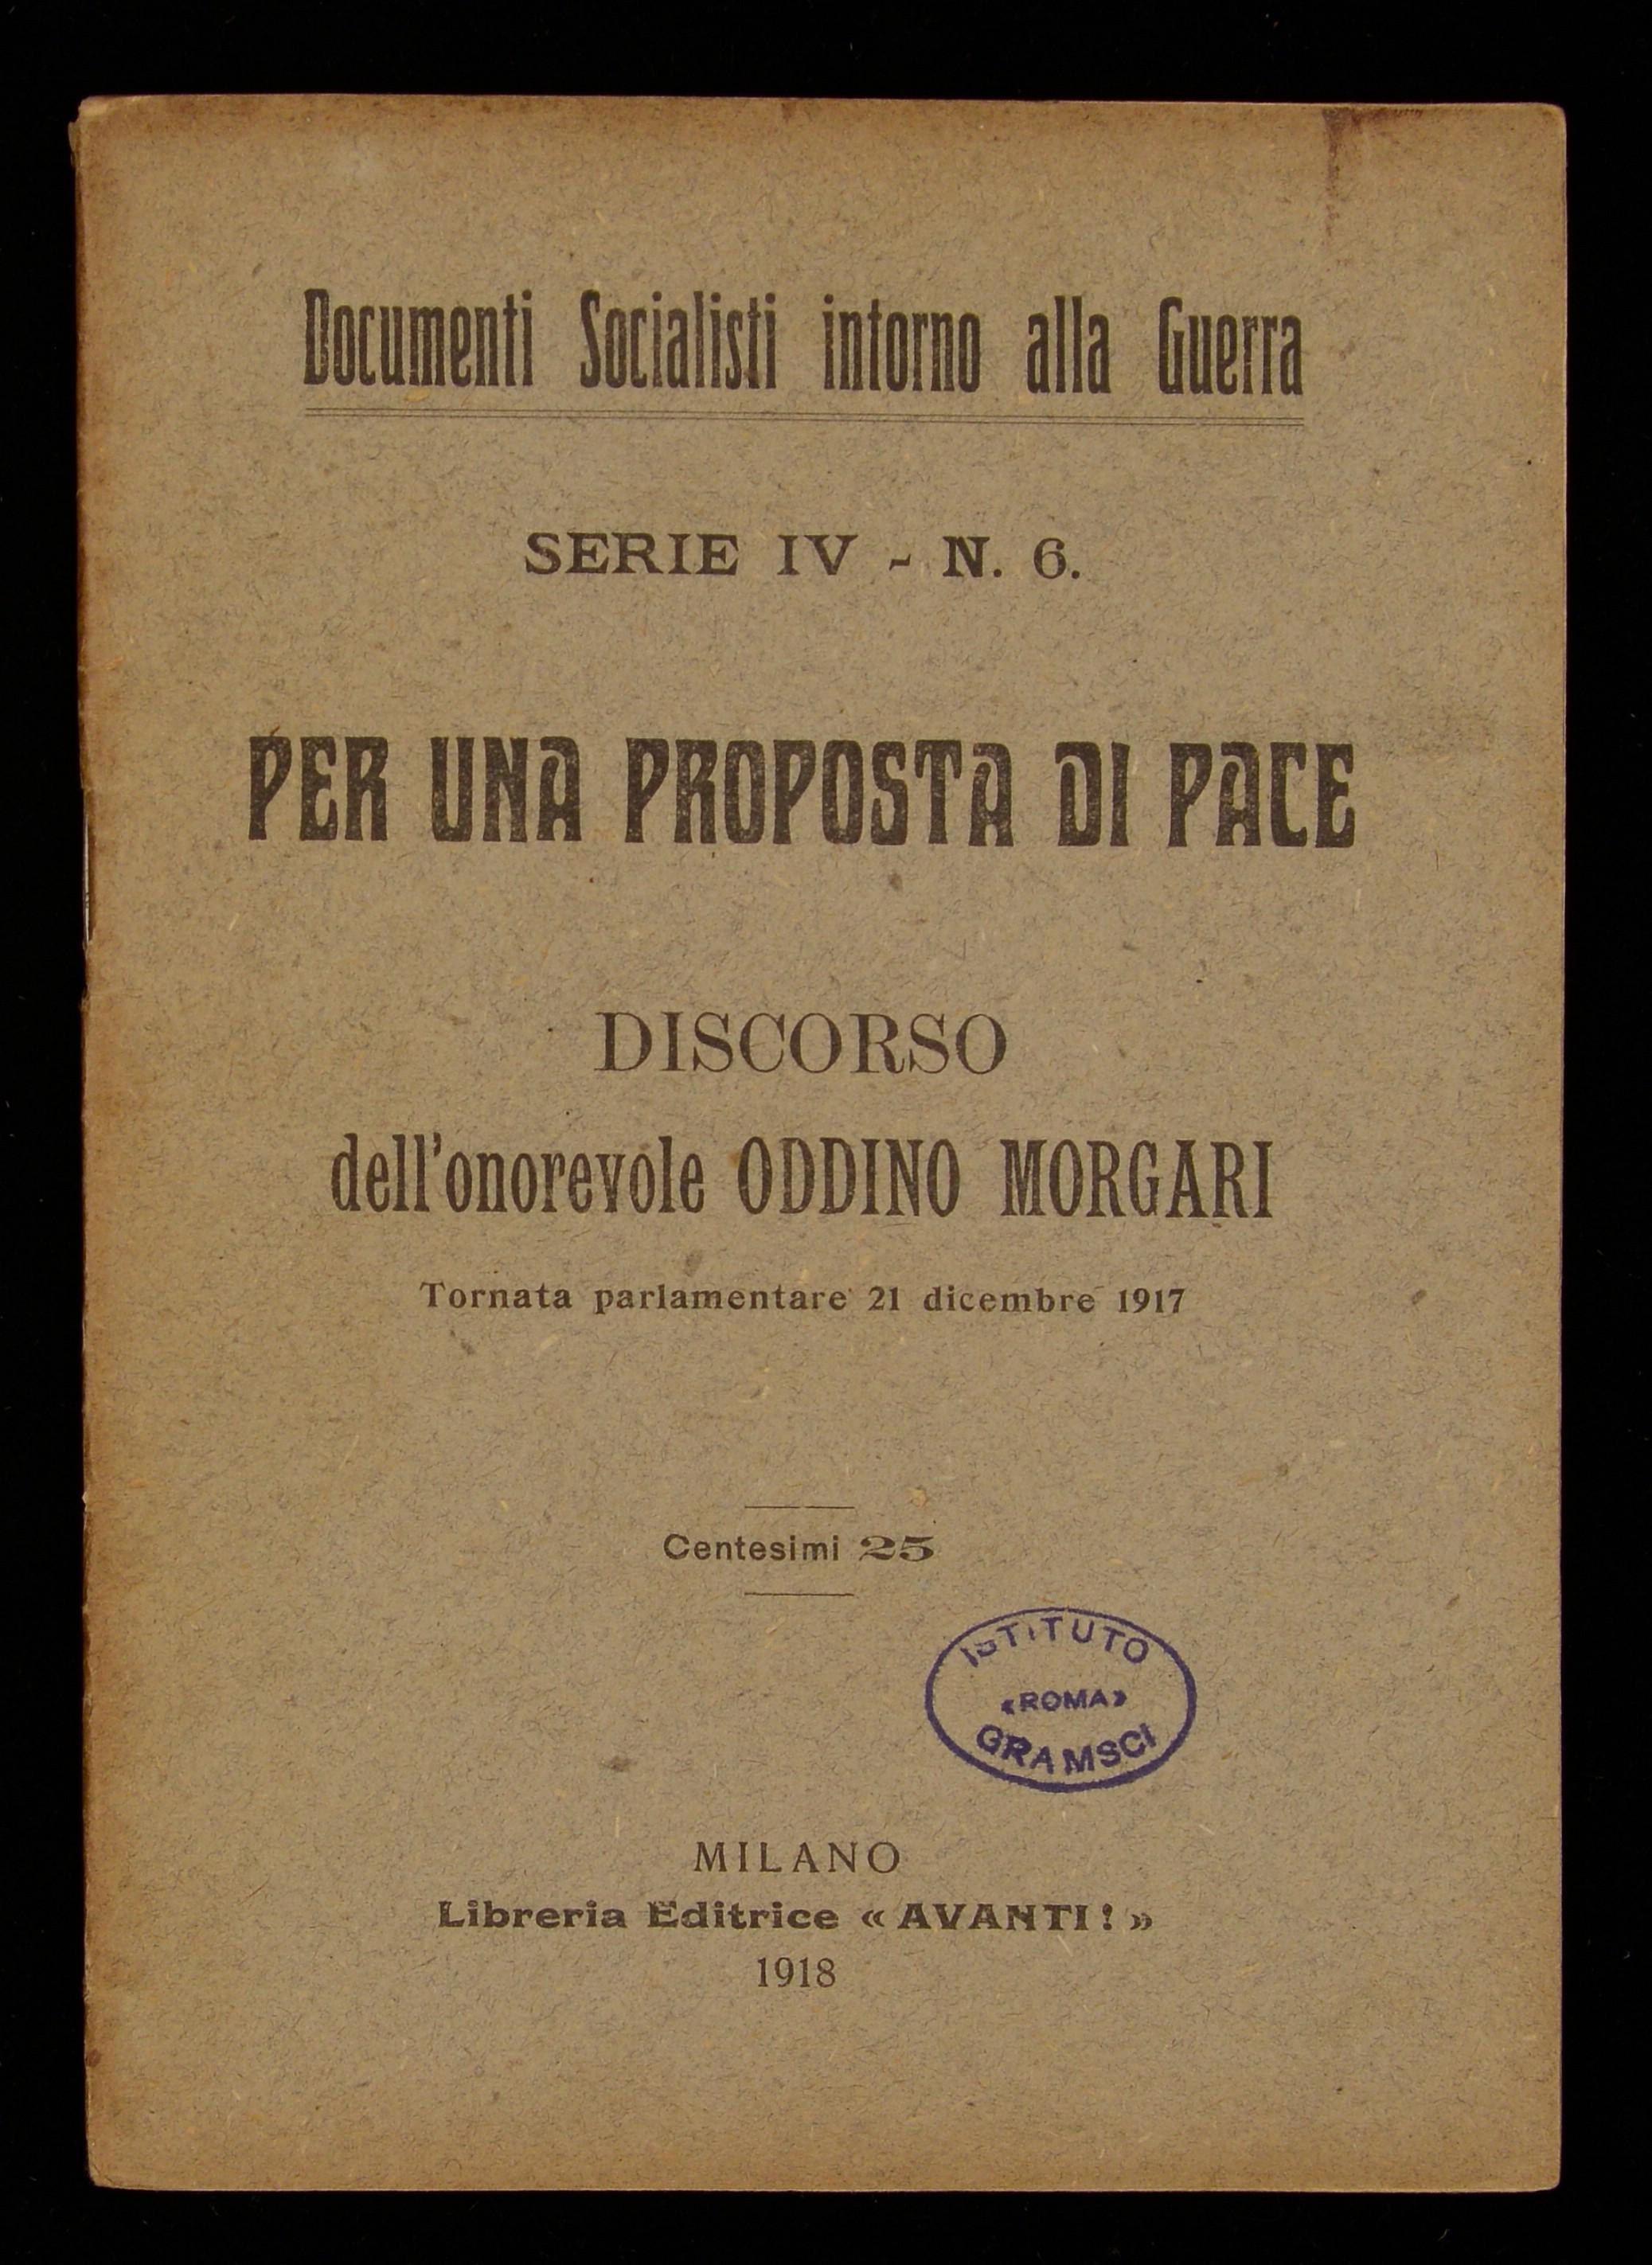 Per una proposta di pace